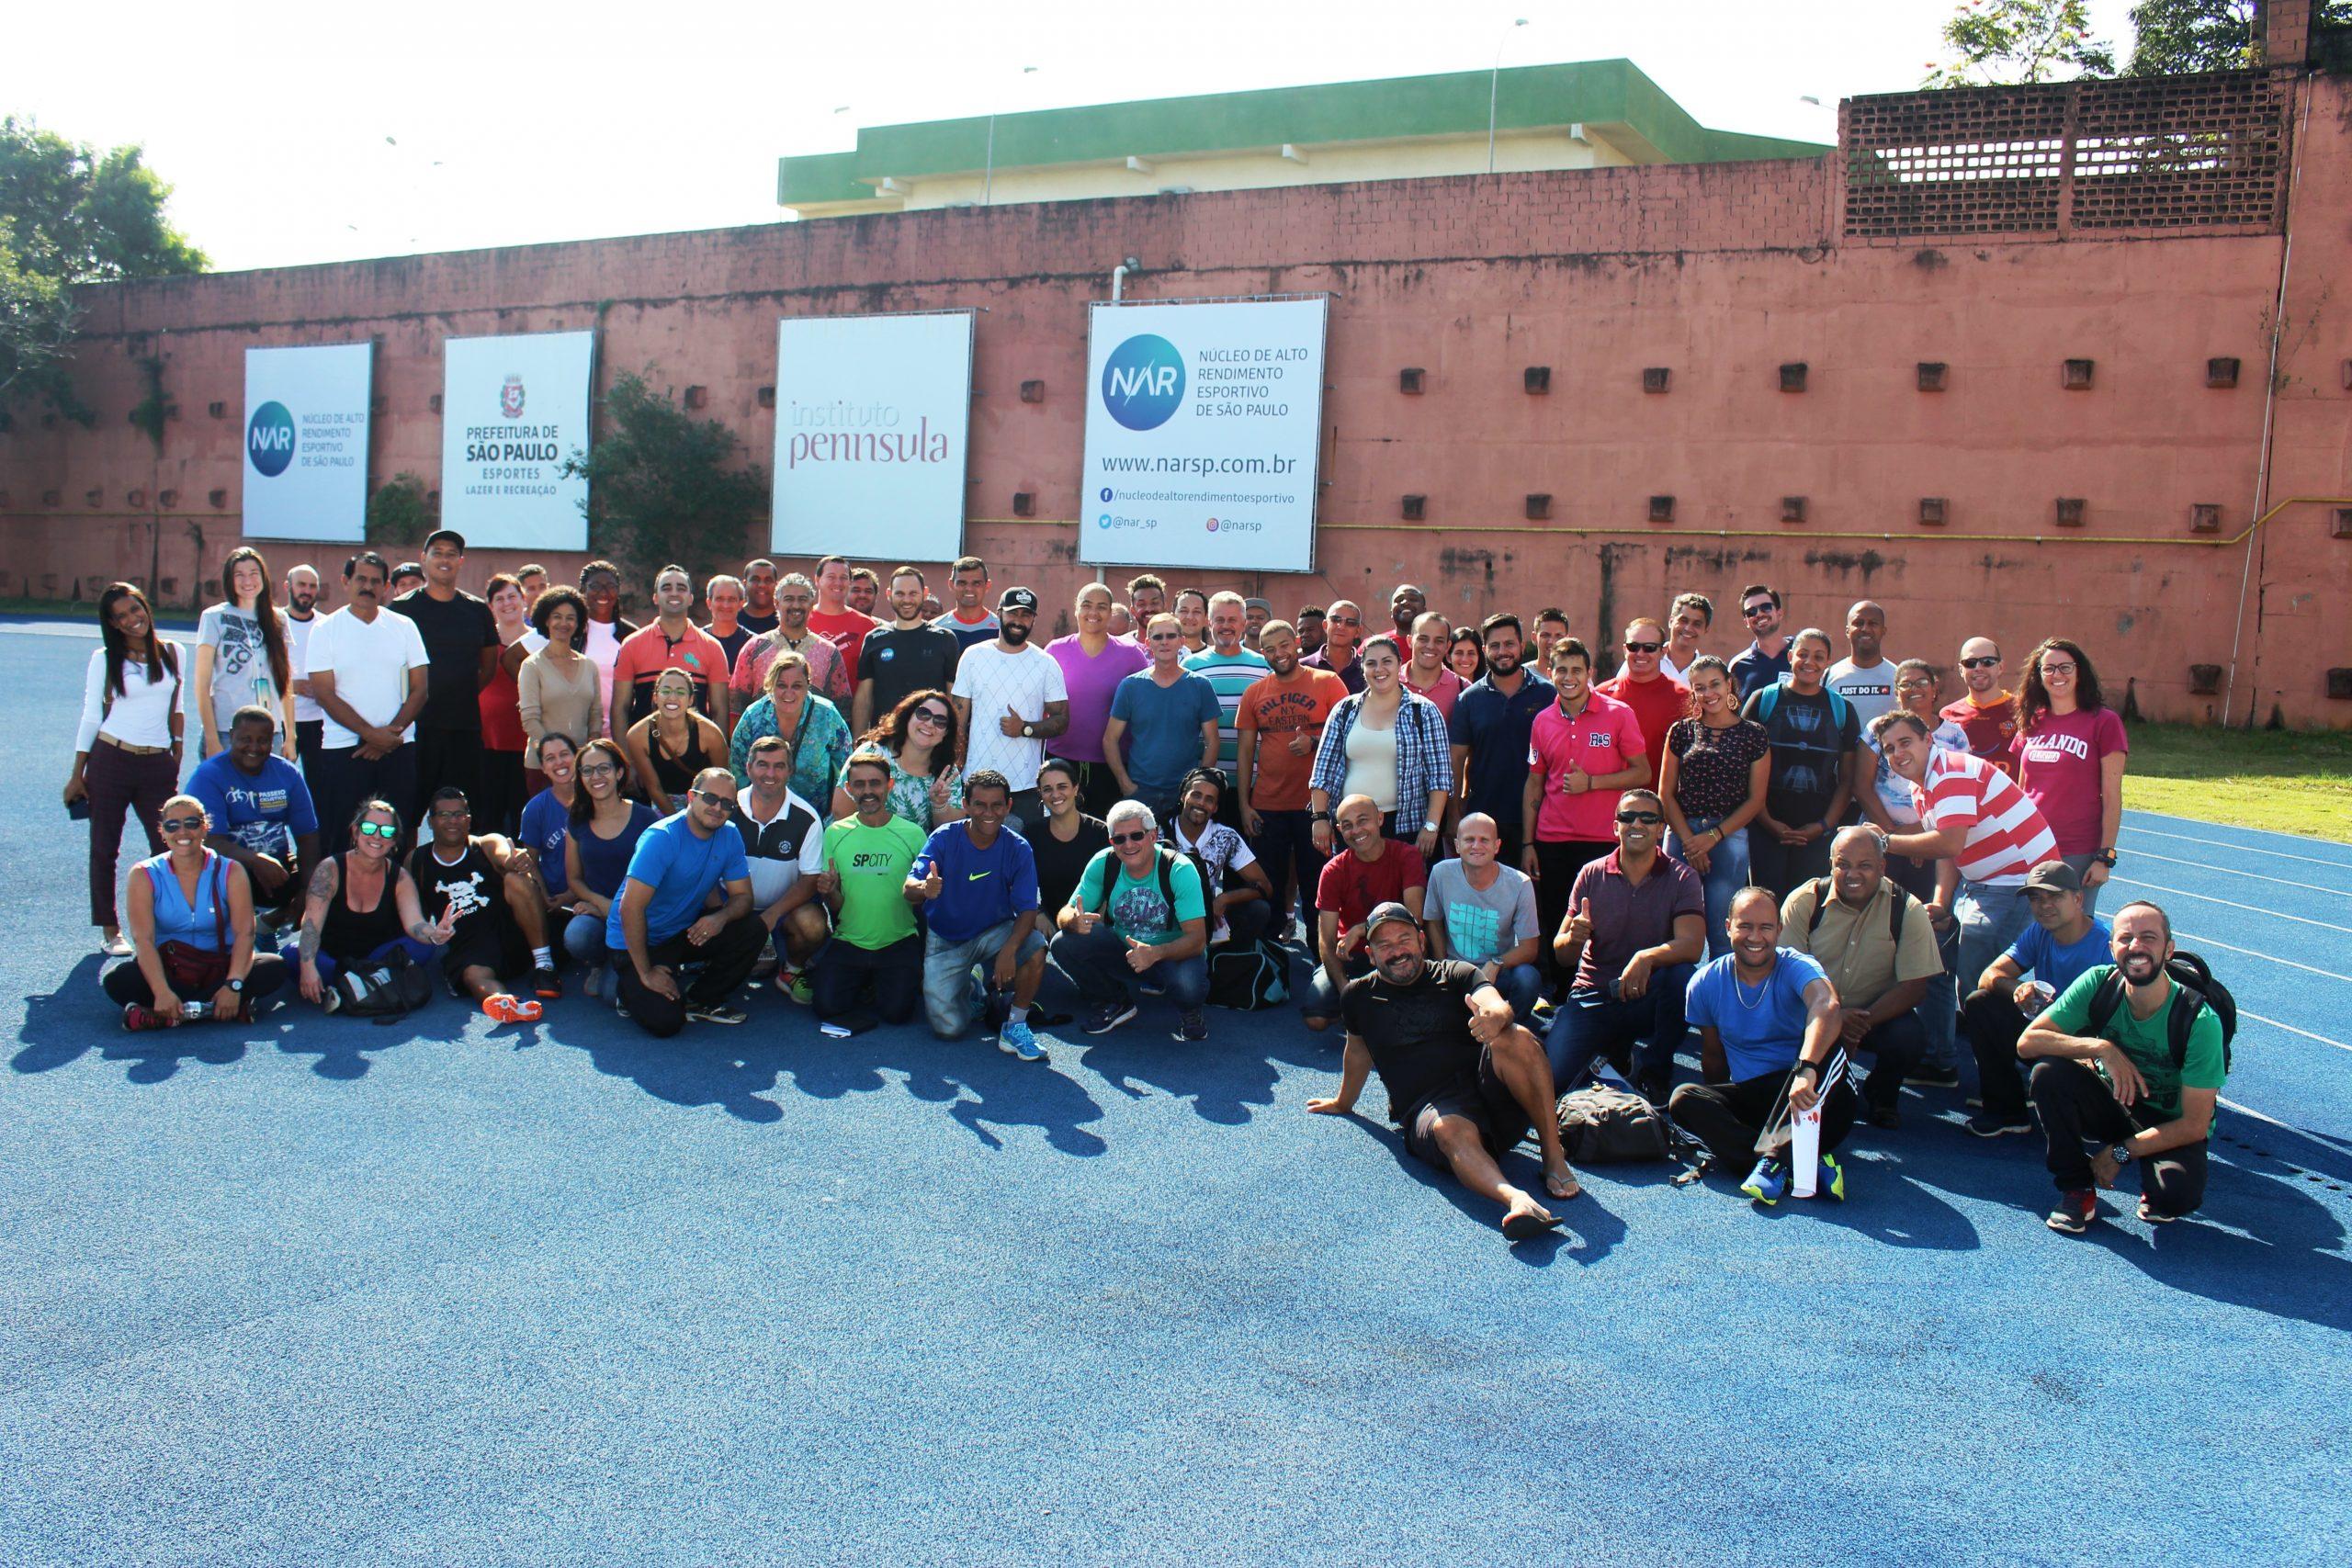 Coordenadores e analistas dos CEUs visitam o NAR-SP para conhecer programa CEU Olímpico